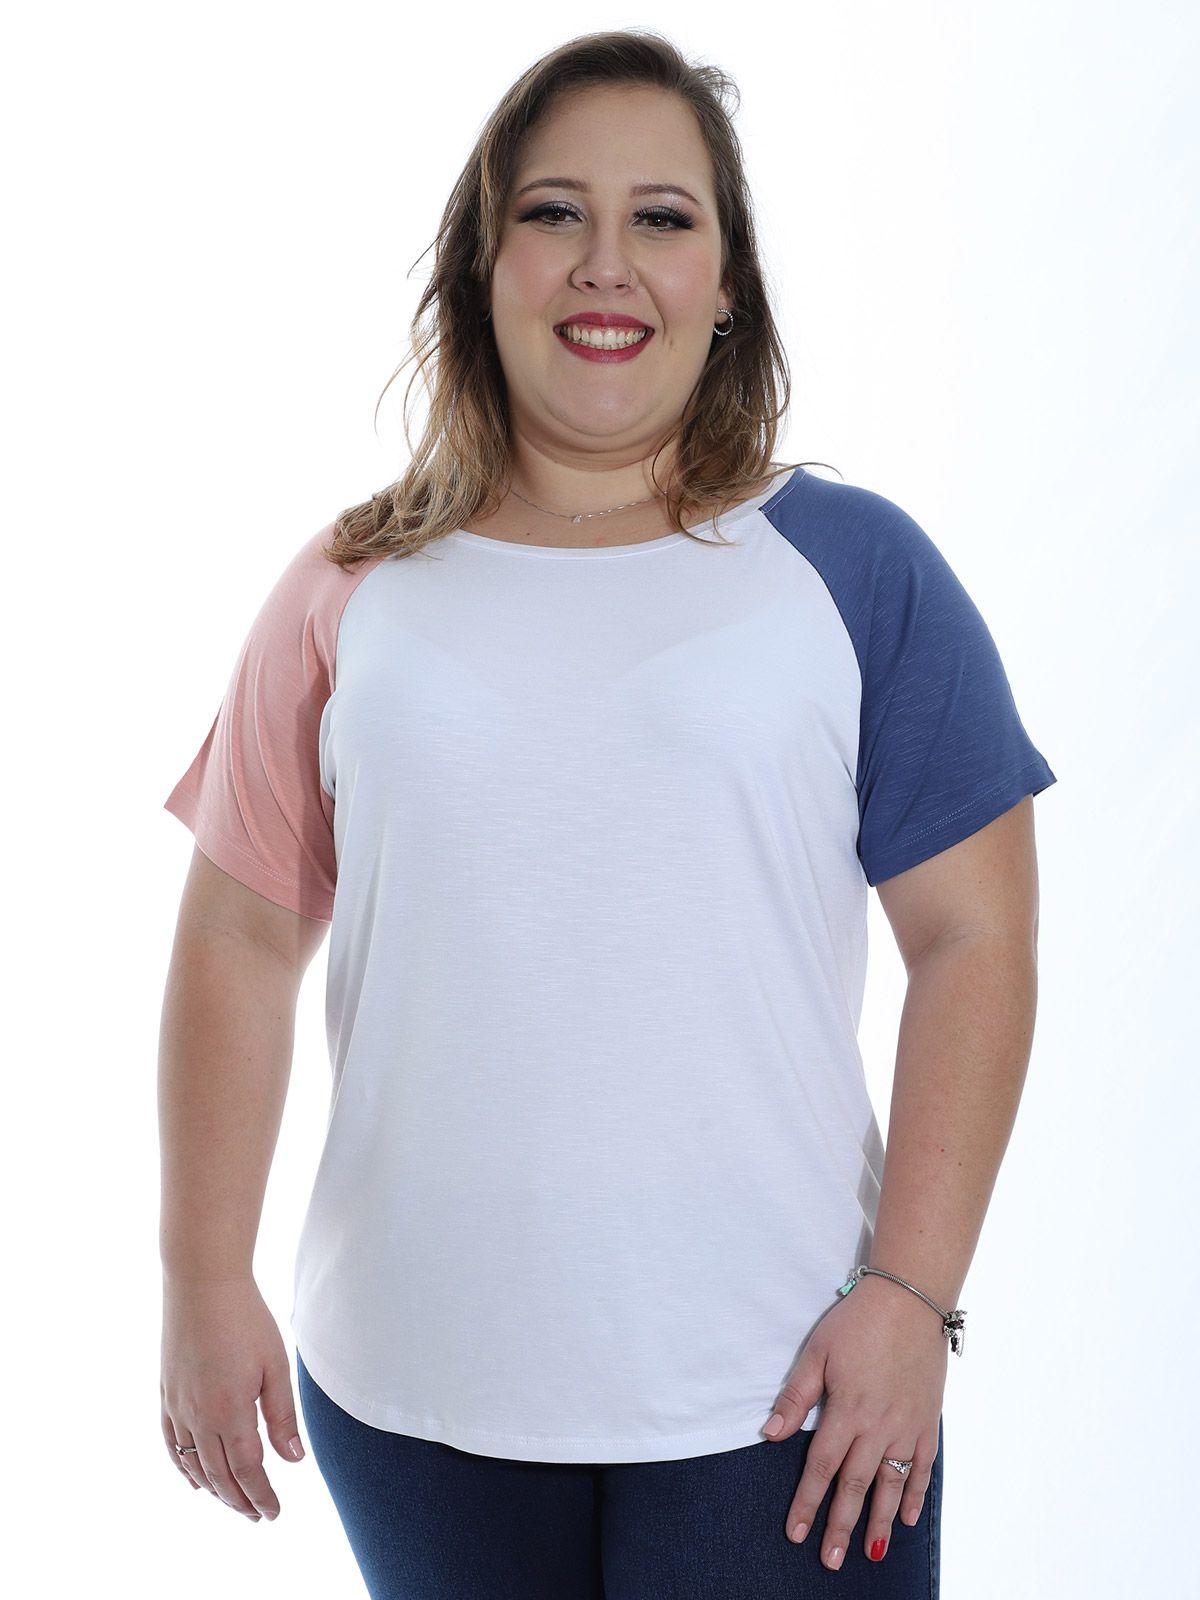 Blusa Plus Size KTS Visco Flame Colors Branco